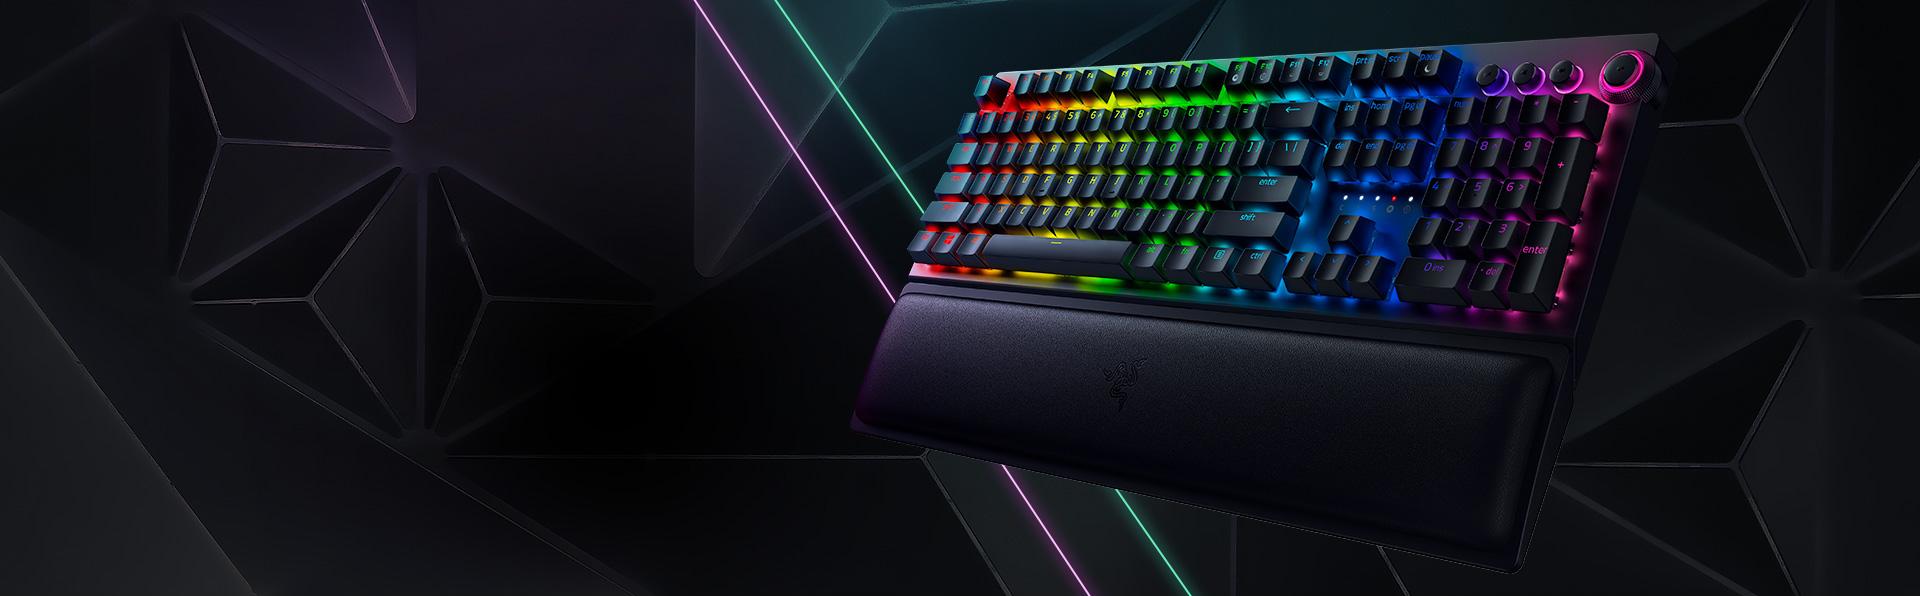 Bàn phím Không dây Razer BlackWidow V3 Pro (USB Wireless/Green switch/Bluetooth) (RZ03-03530100-R3M1) trang bị led Chroma RGB 16.8 triệu màu